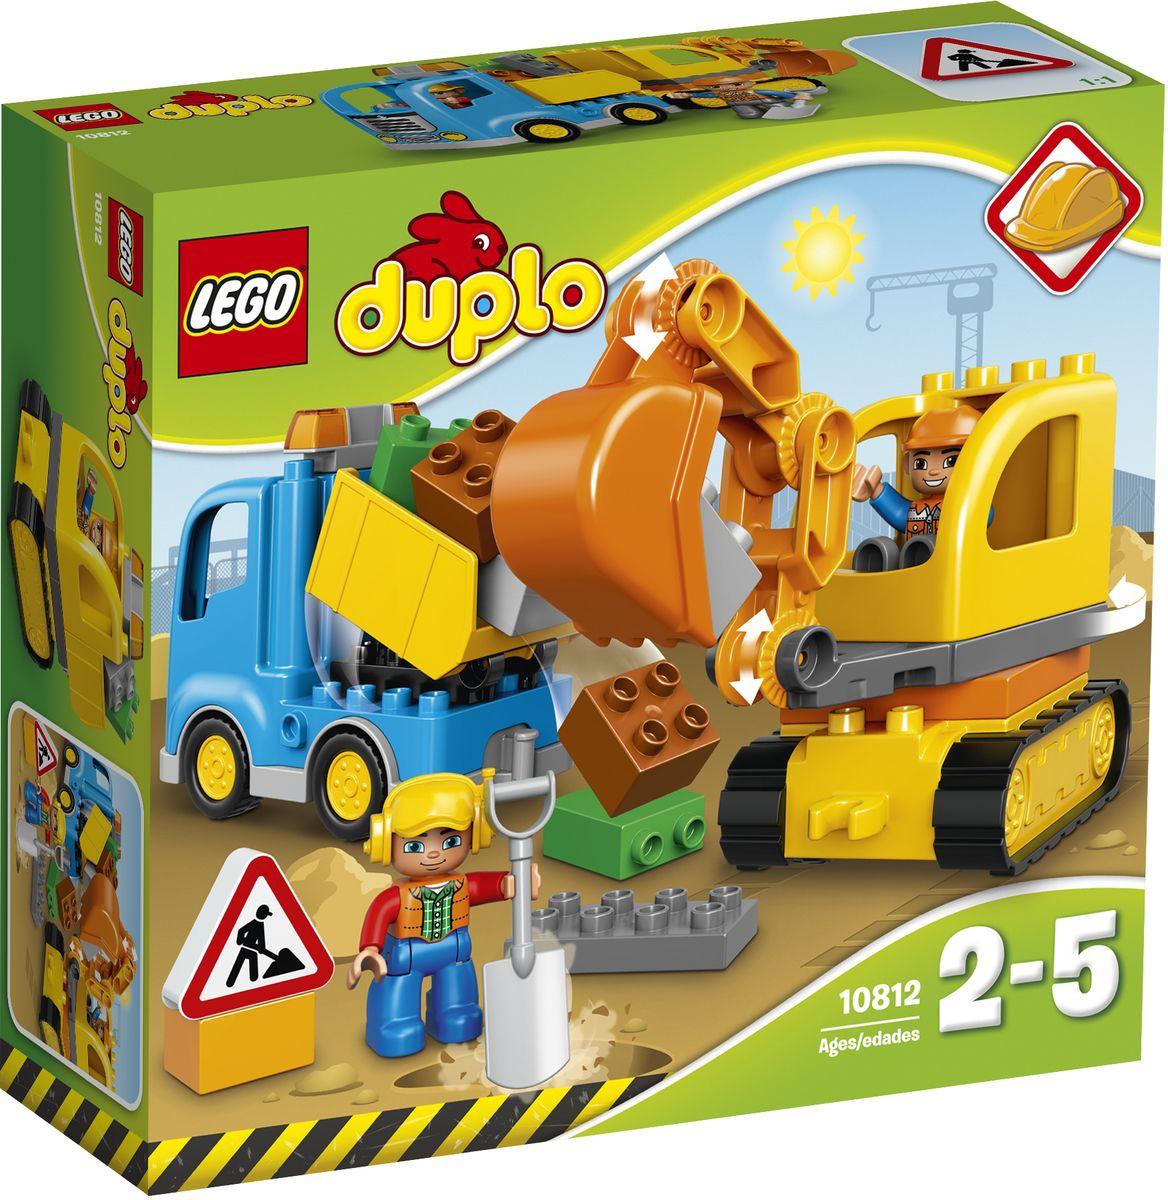 LEGO DUPLO 10812 Грузовик и гусеничный экскаватор Конструктор lego duplo 10812 конструктор лего дупло грузовик и гусеничный экскаватор